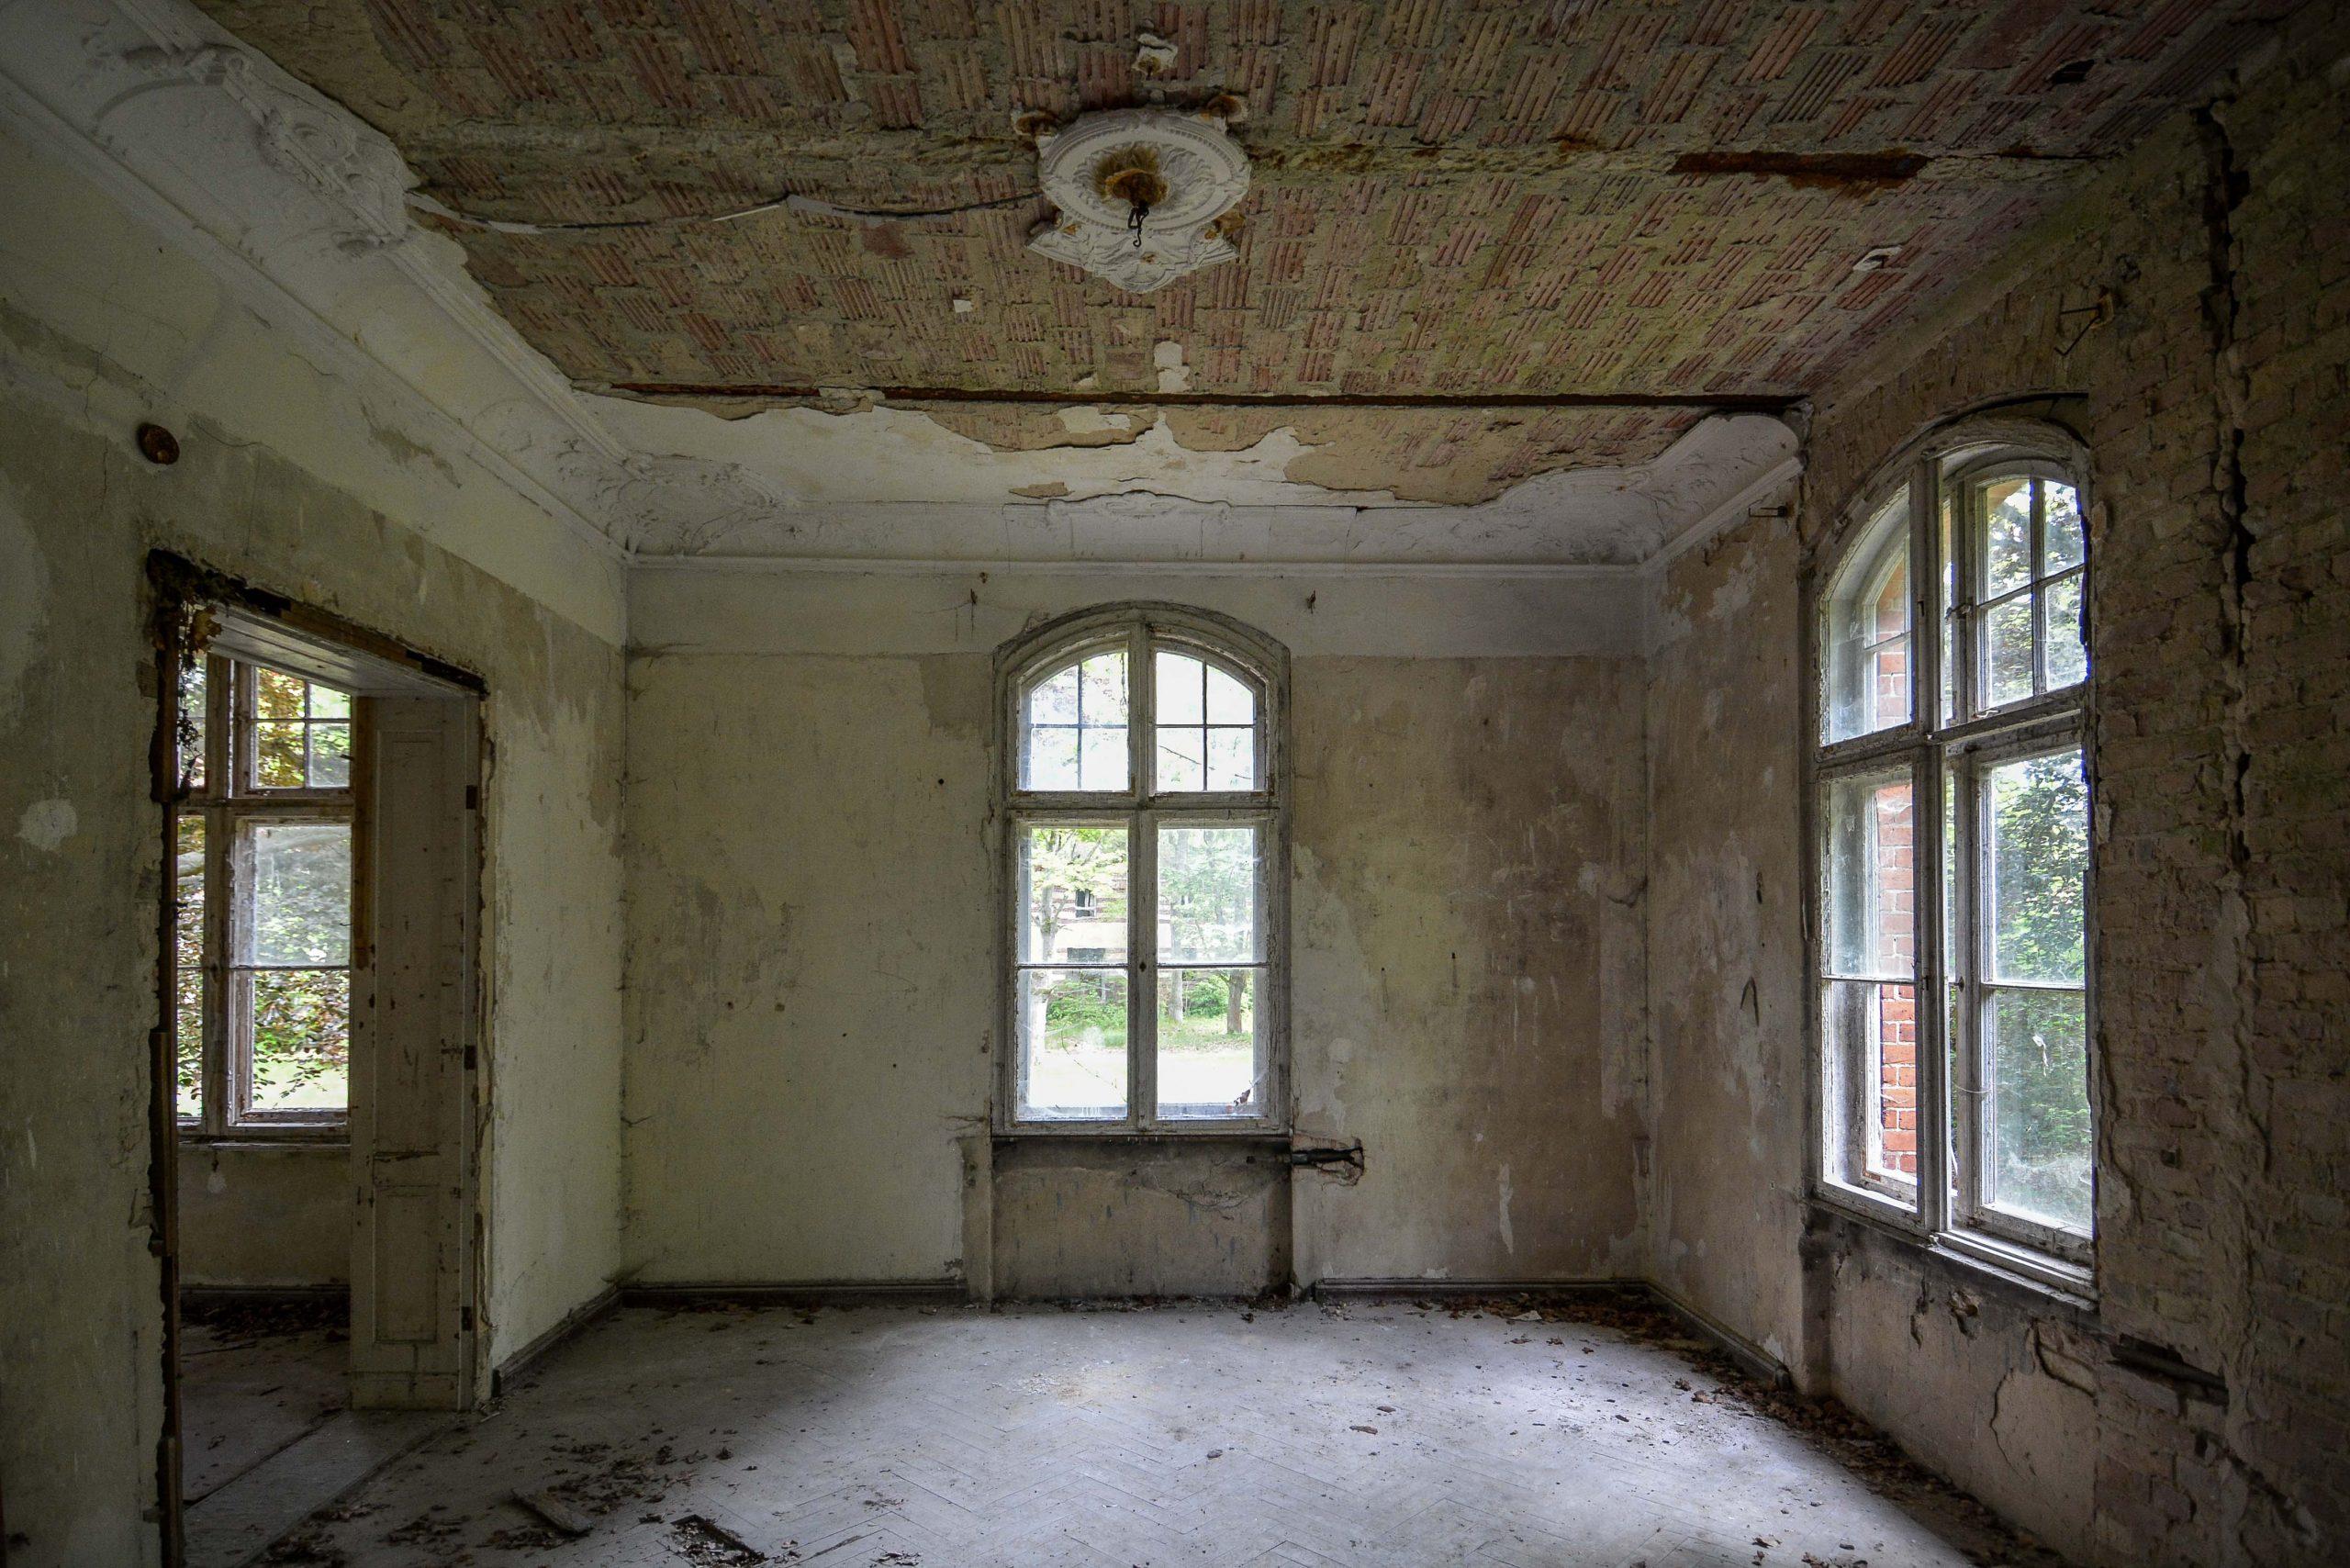 villa dining room tuberkulose heilstaette grabowsee sanatorium hospital oranienburg lost places abandoned urbex brandenburg germany deutschland